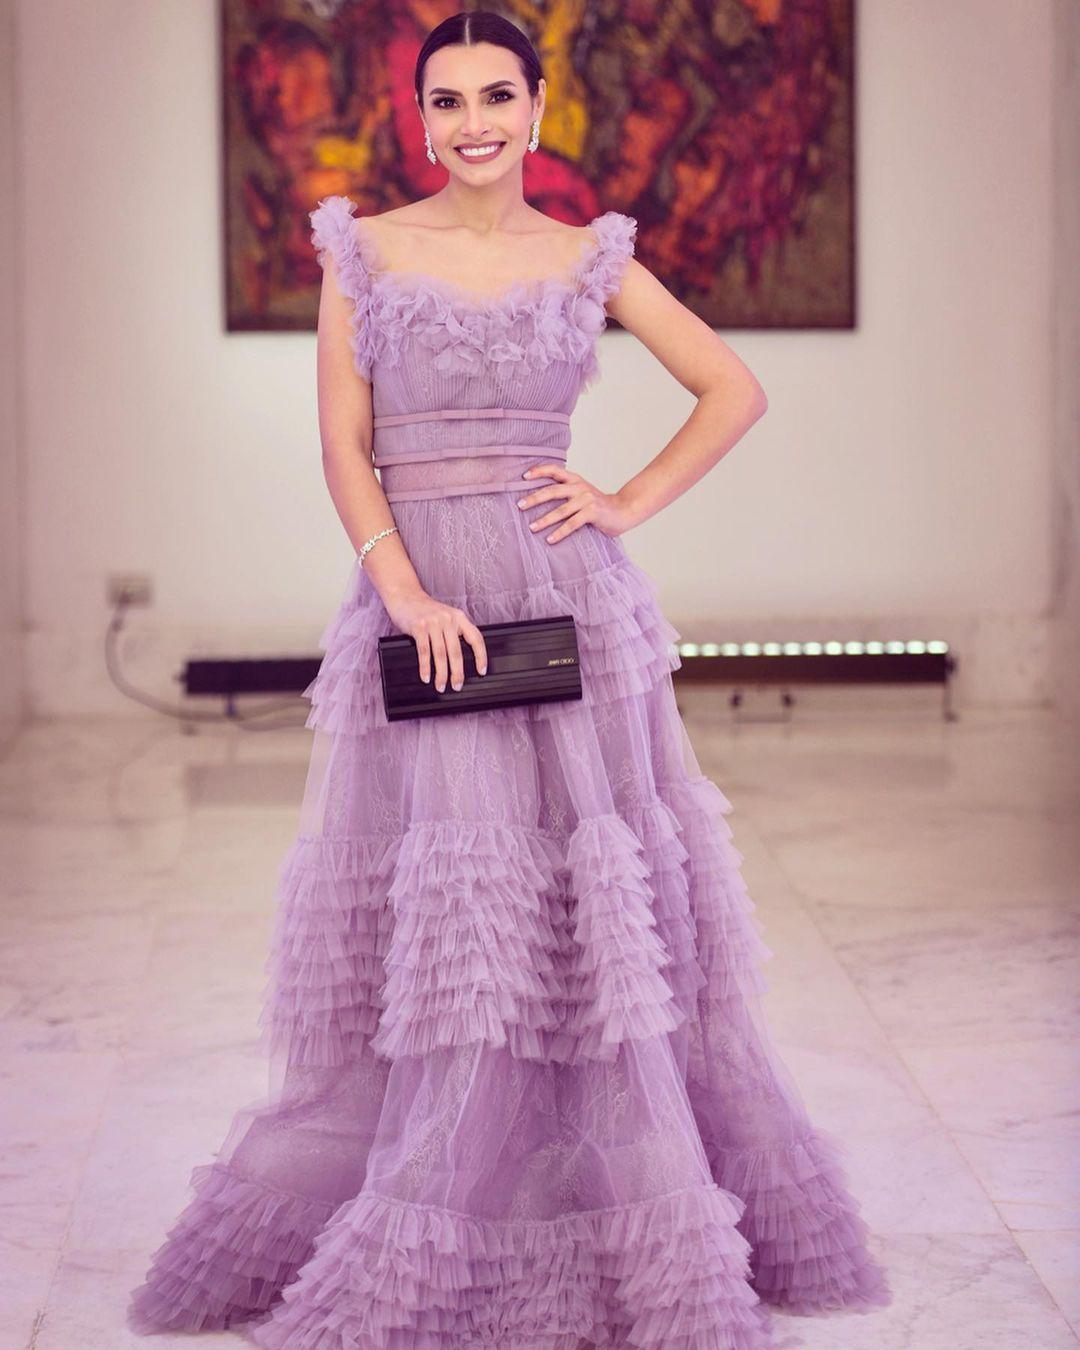 كاريمن سليمان بفستان من الكشاكش باللون الأرجواني الفاتح